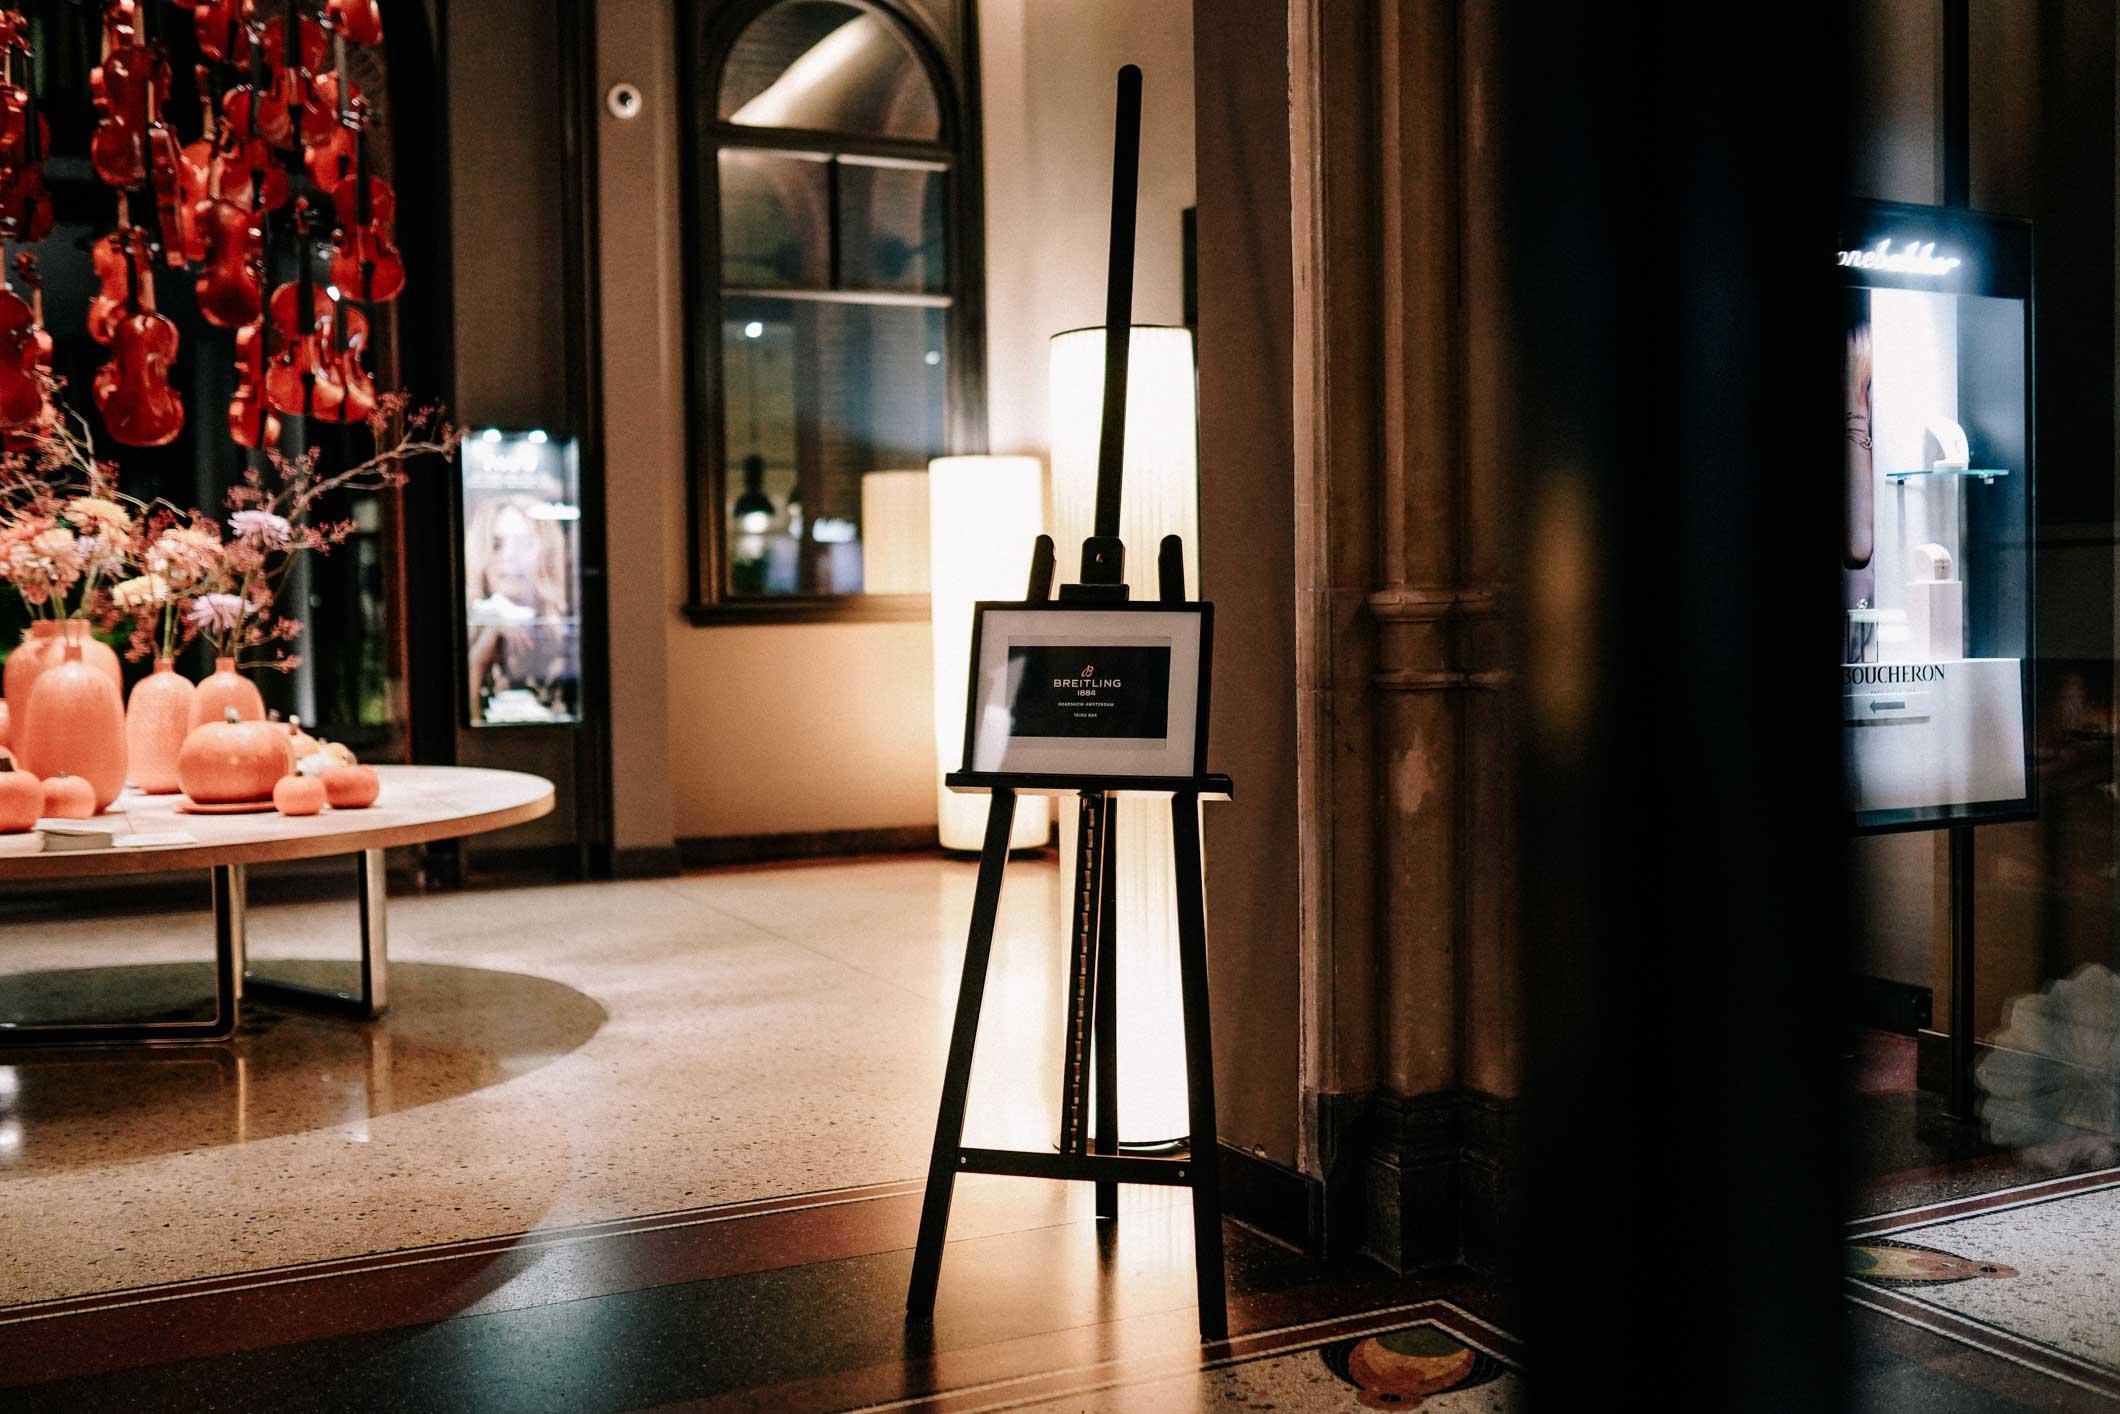 Breitling_Taiko_Ilsoo_van_Dijk_171022019_conservatorium-03224-2